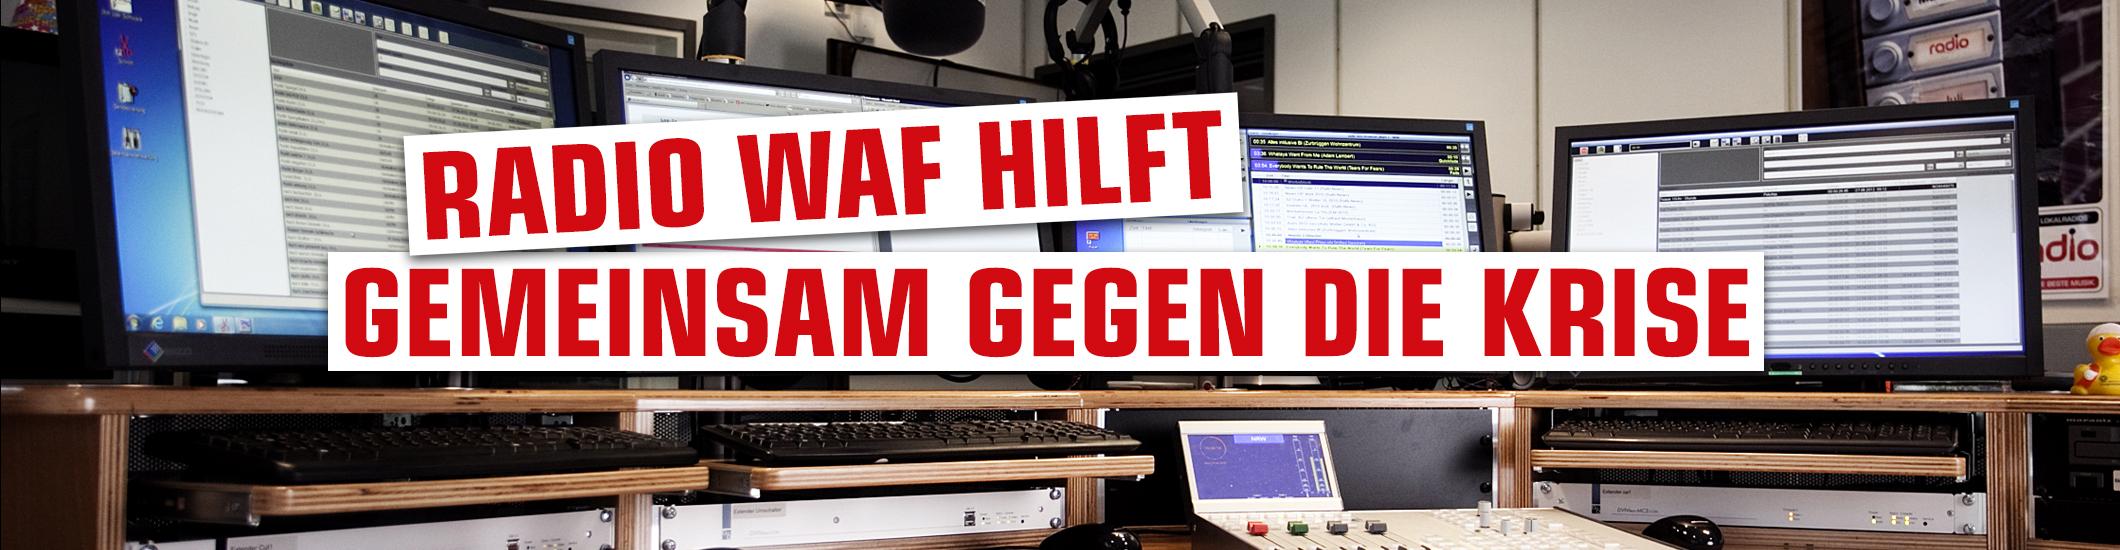 Radio WAF Hilft